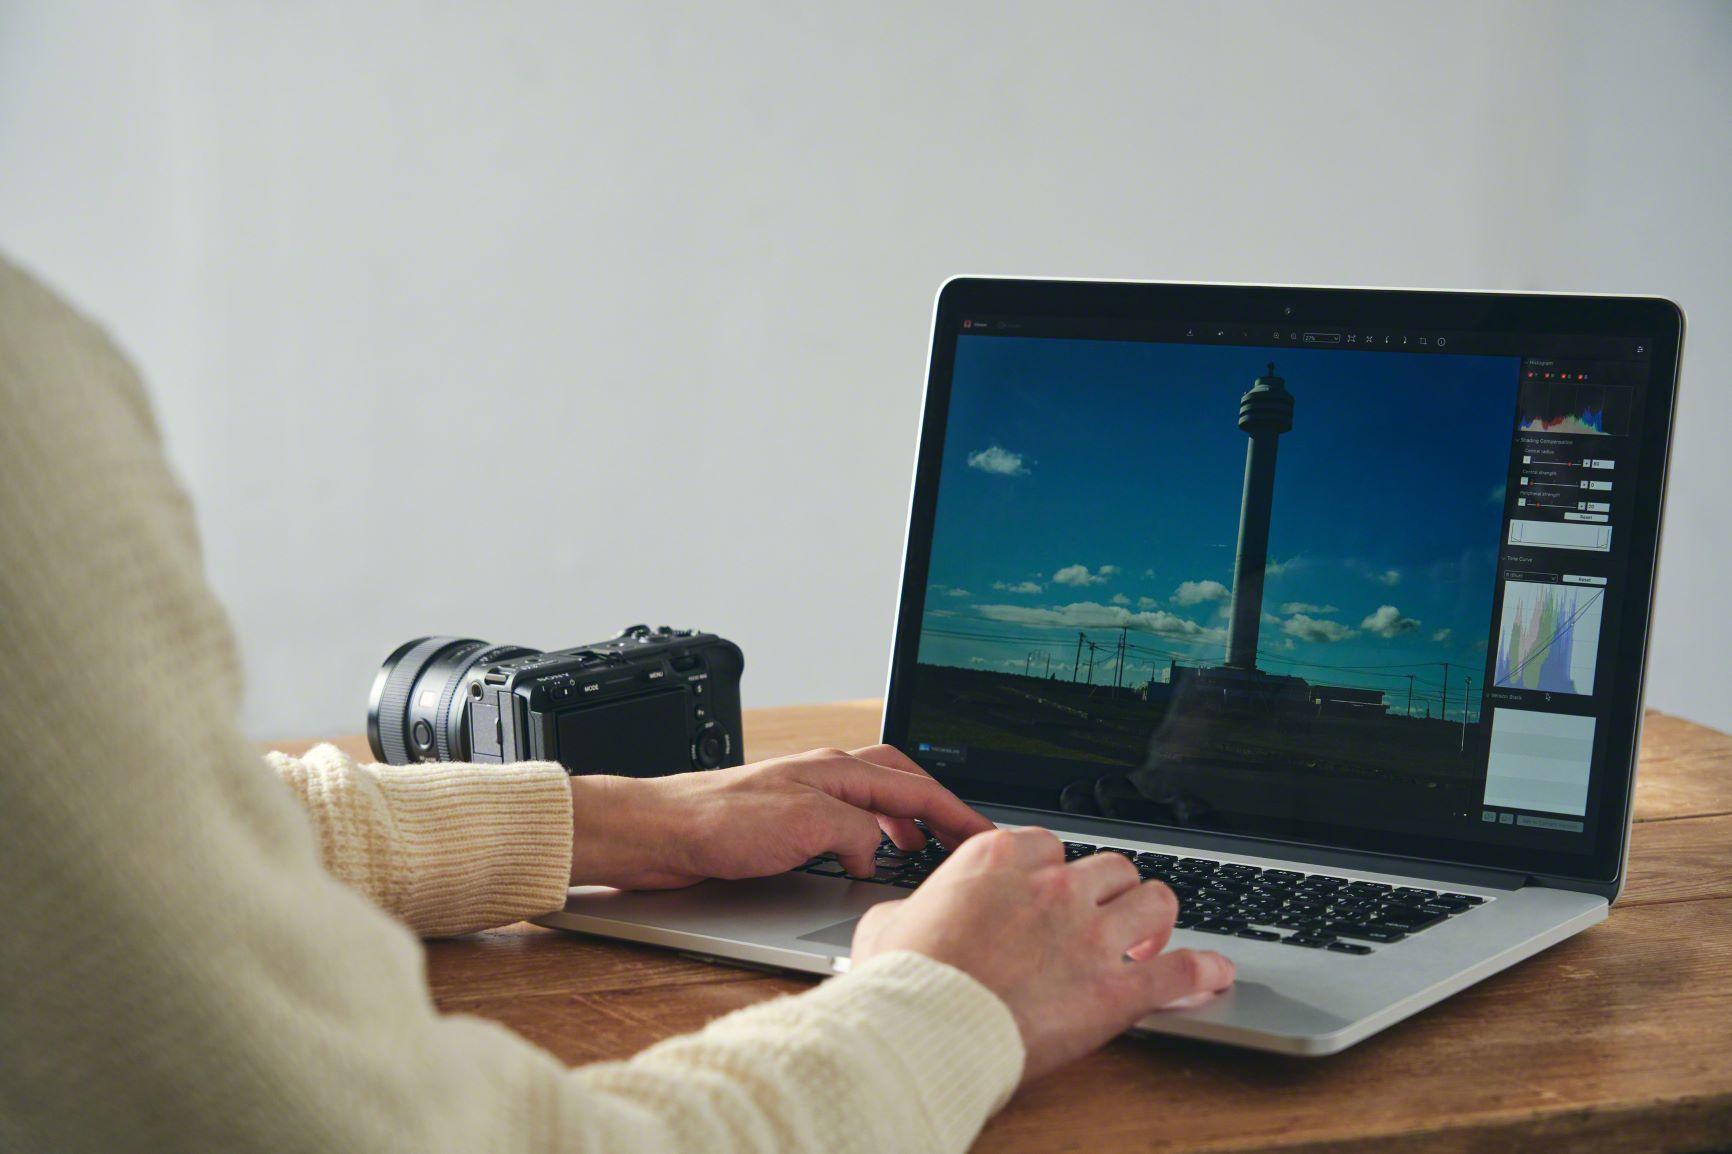 Elaboración de portafolio, redacción de textos para fotografía y participación en concursos por Instituto Henry Agudelo